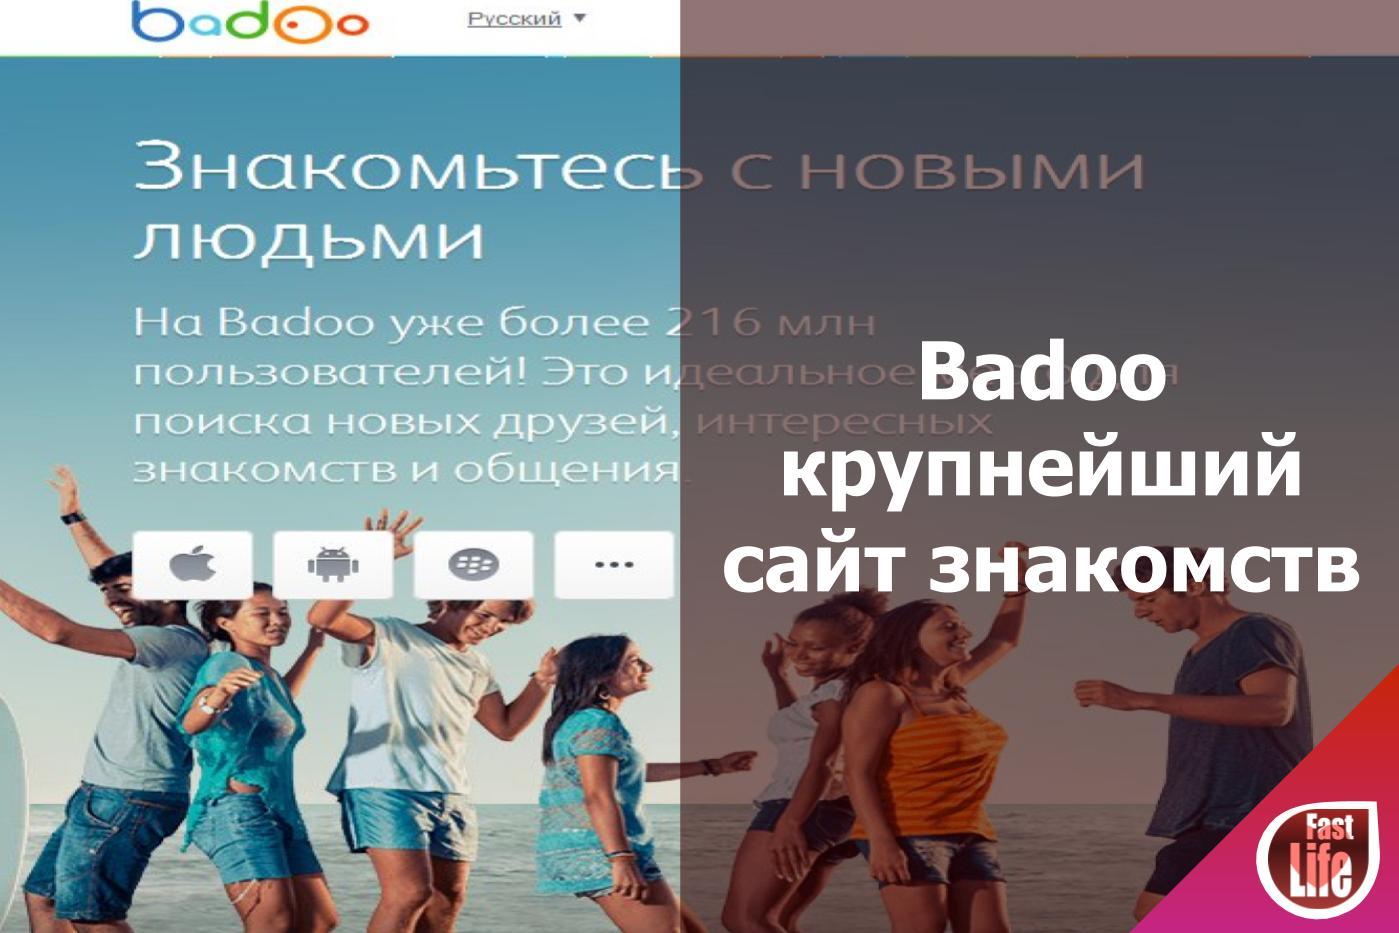 Крупнейшие Сайты Знакомств Москвы